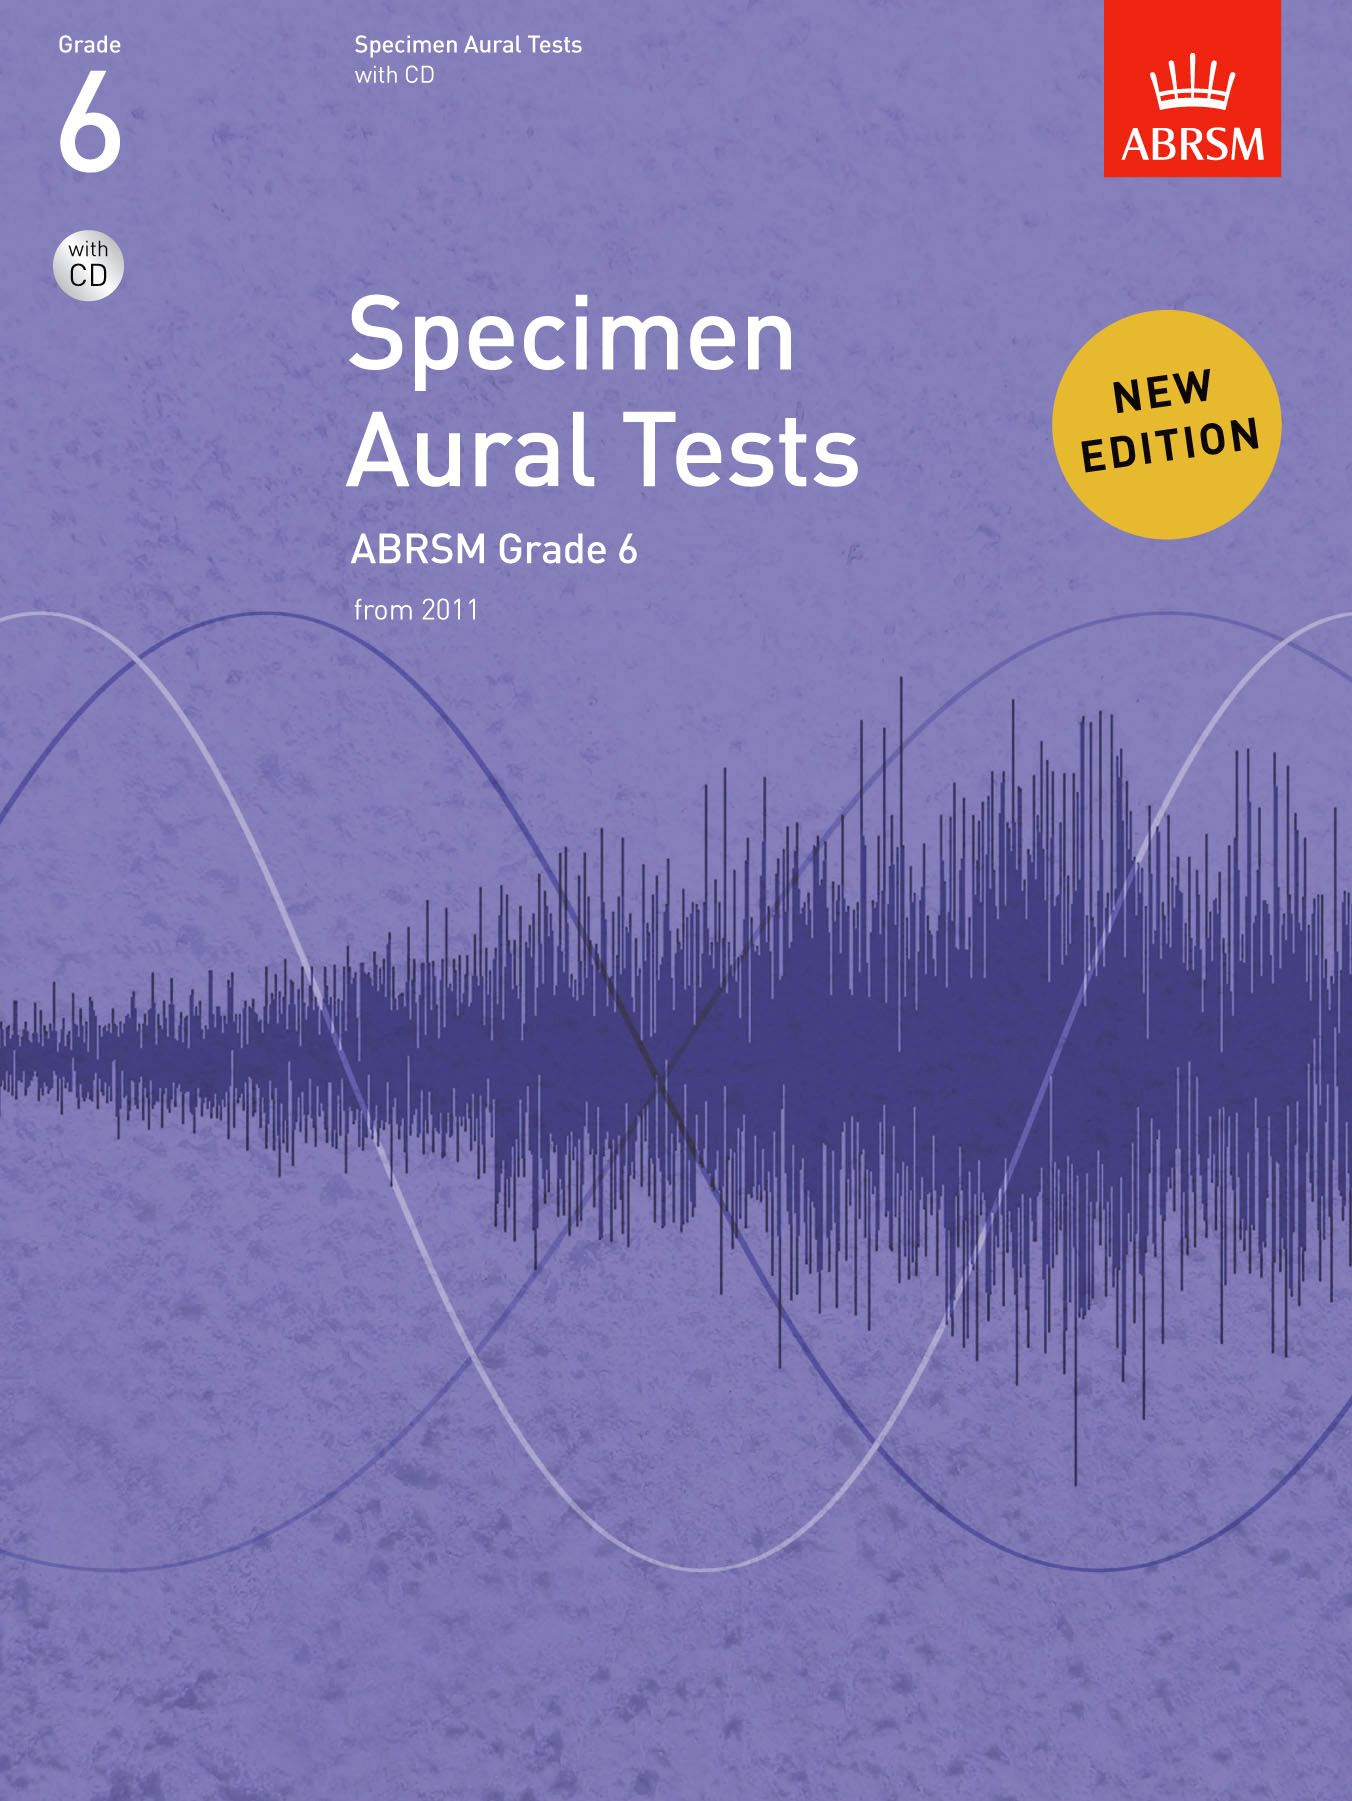 ABRSM Specimen Aural Tests Grade 6 with CD